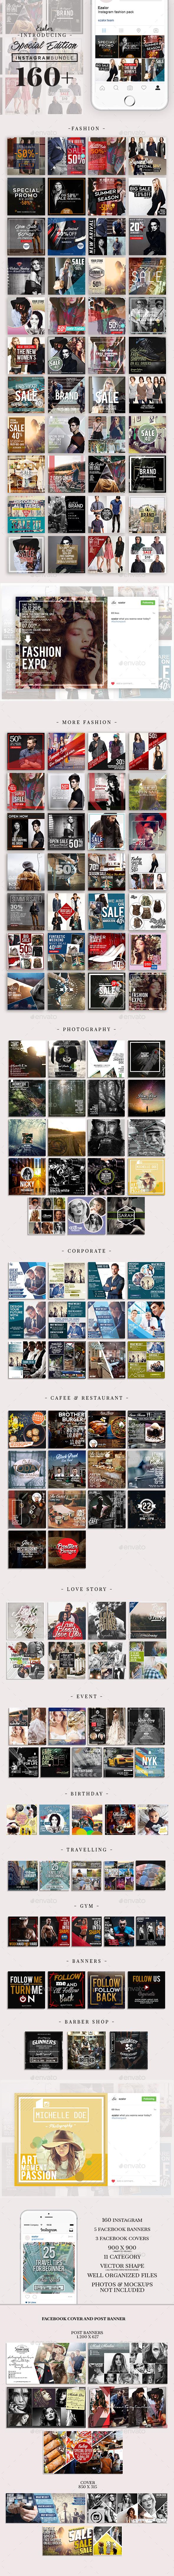 Instagram Special Edition Bundle - Social Media Web Elements